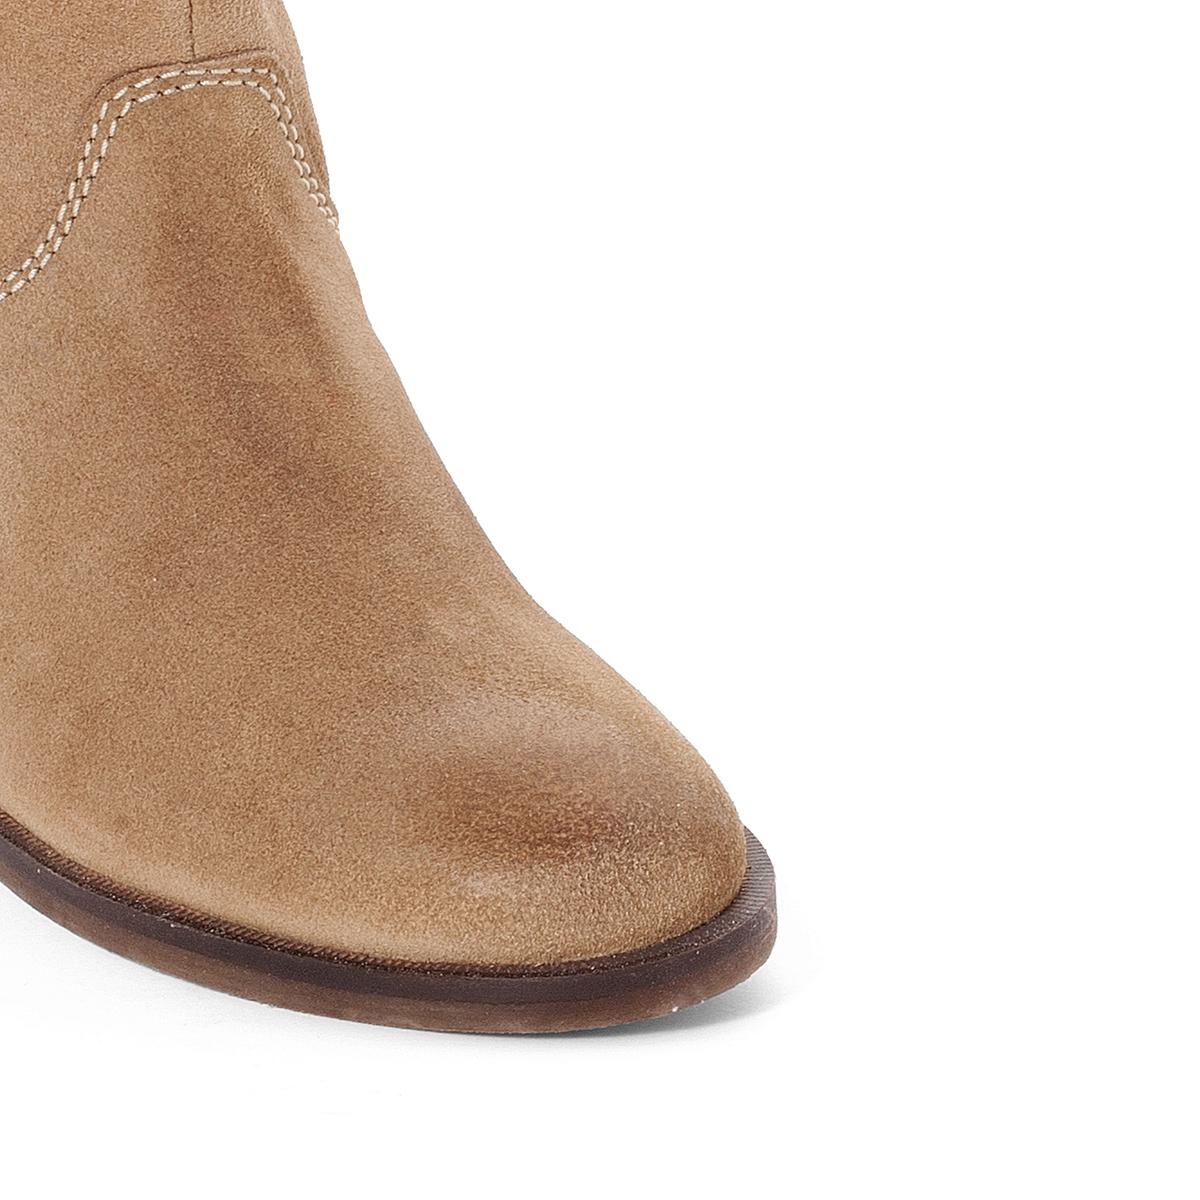 Сапоги RancheroВерх : кожа   Подкладка : текстиль и кожа   Стелька : кожа   Подошва : креп   Застежка : на молнию<br><br>Цвет: бежевый экрю,черный<br>Размер: 40.40.35.38.39.34.37